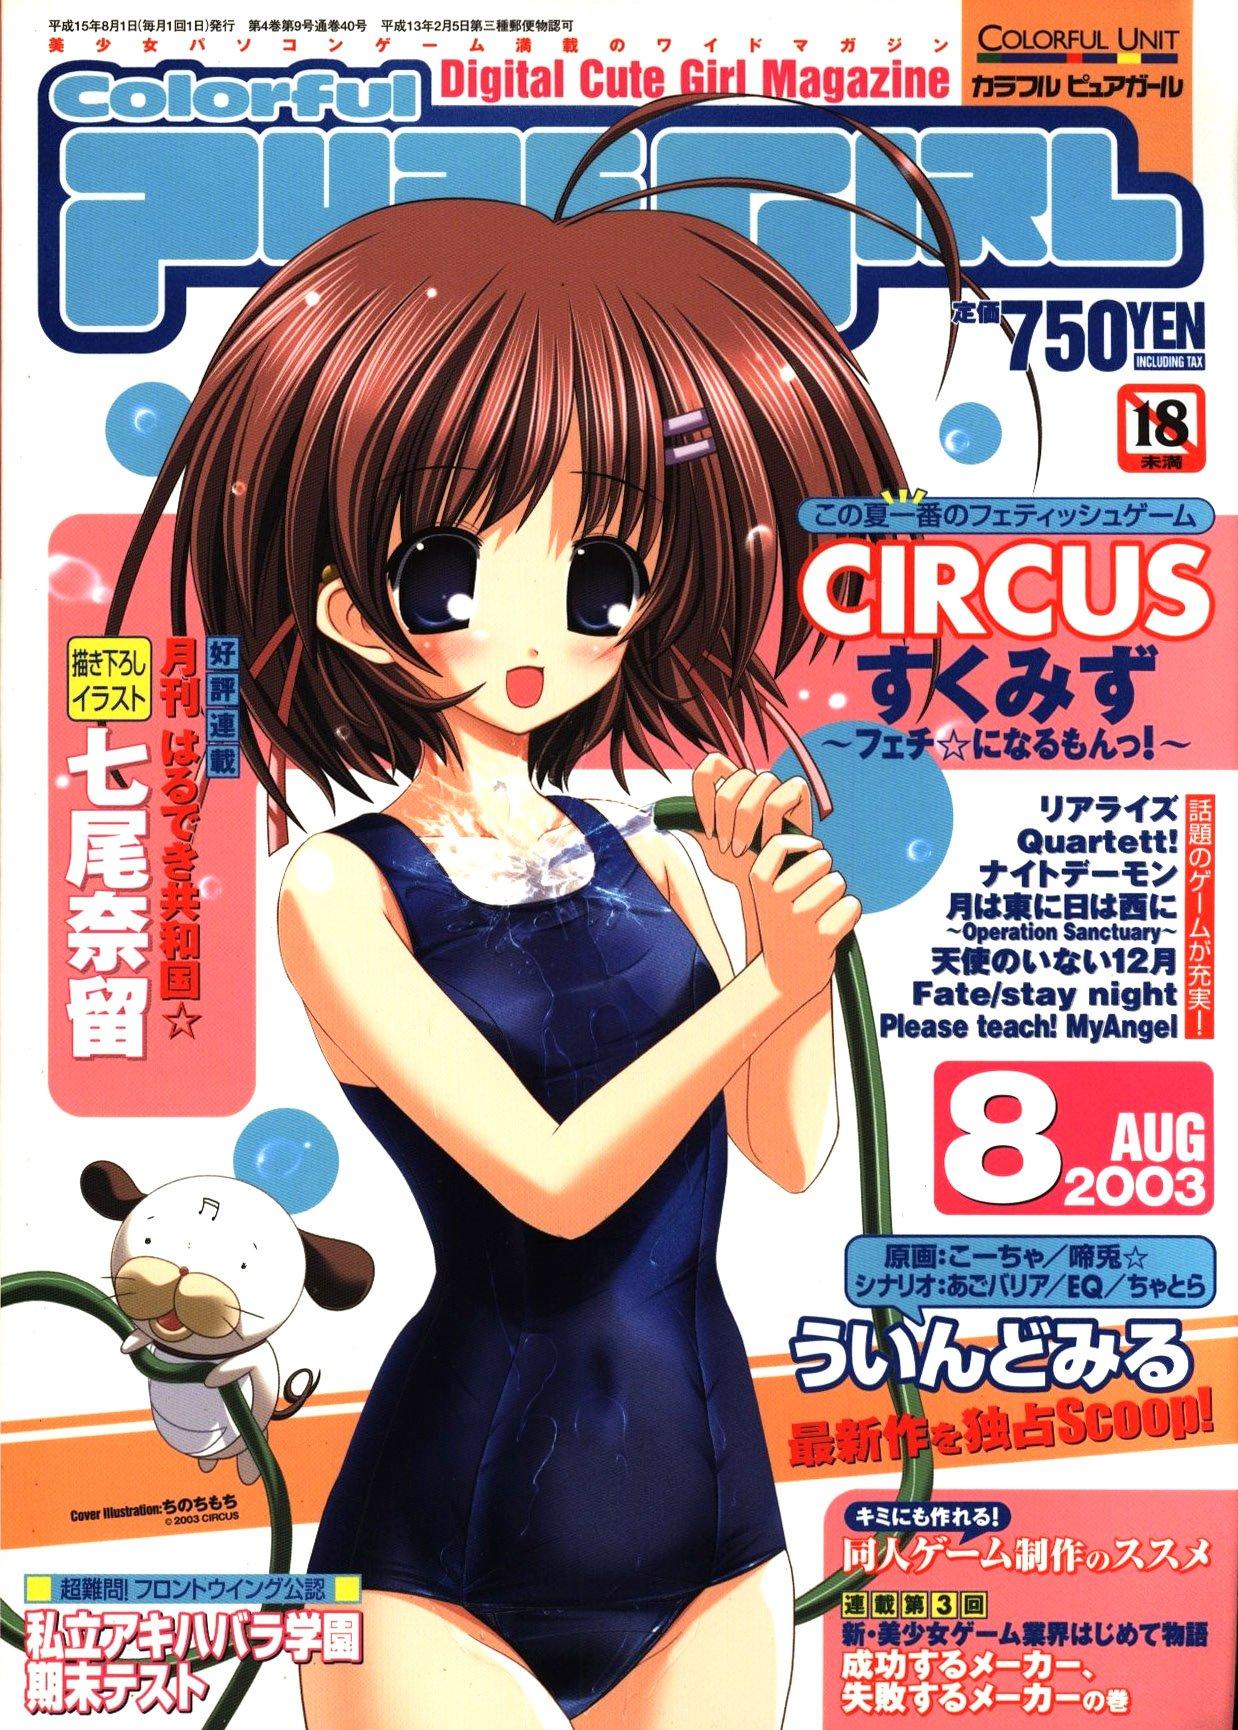 Colorful Puregirl Issue 40 (August 2003)